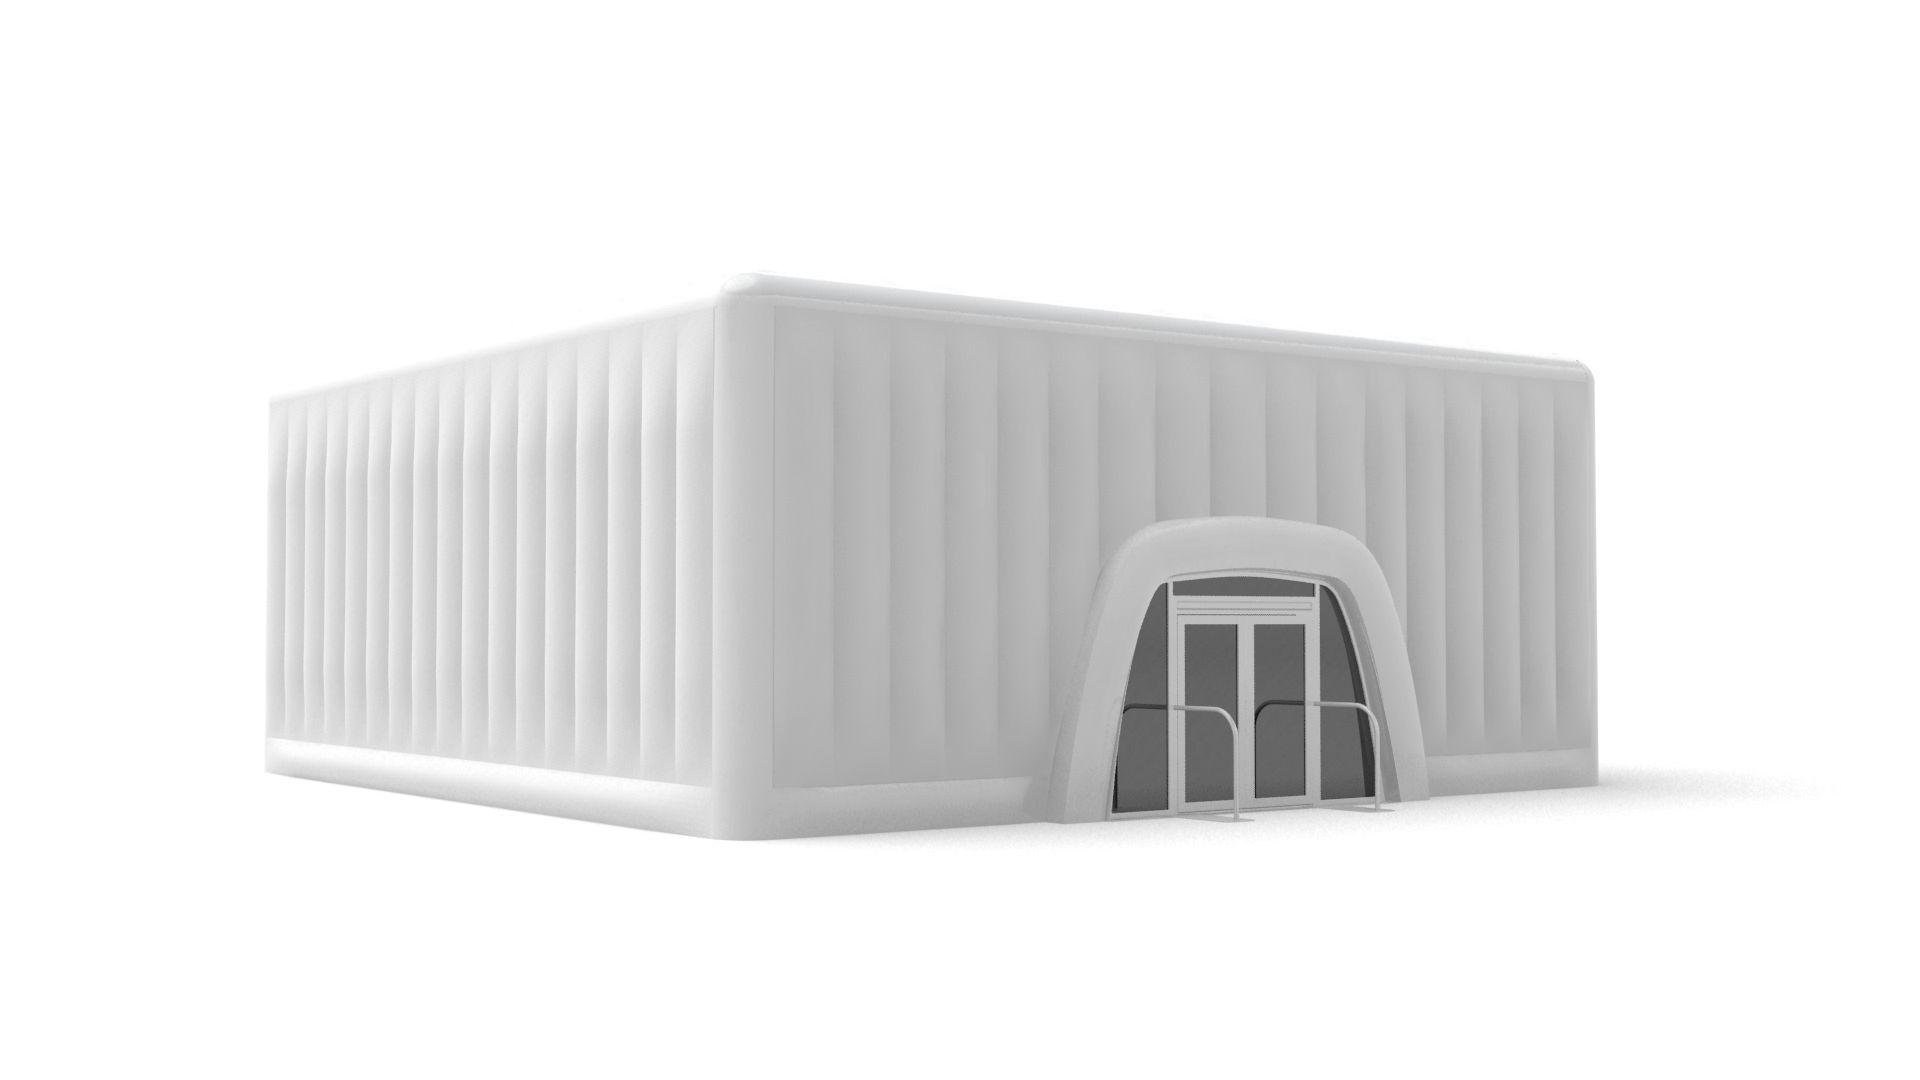 12m Cube - Event Cubes